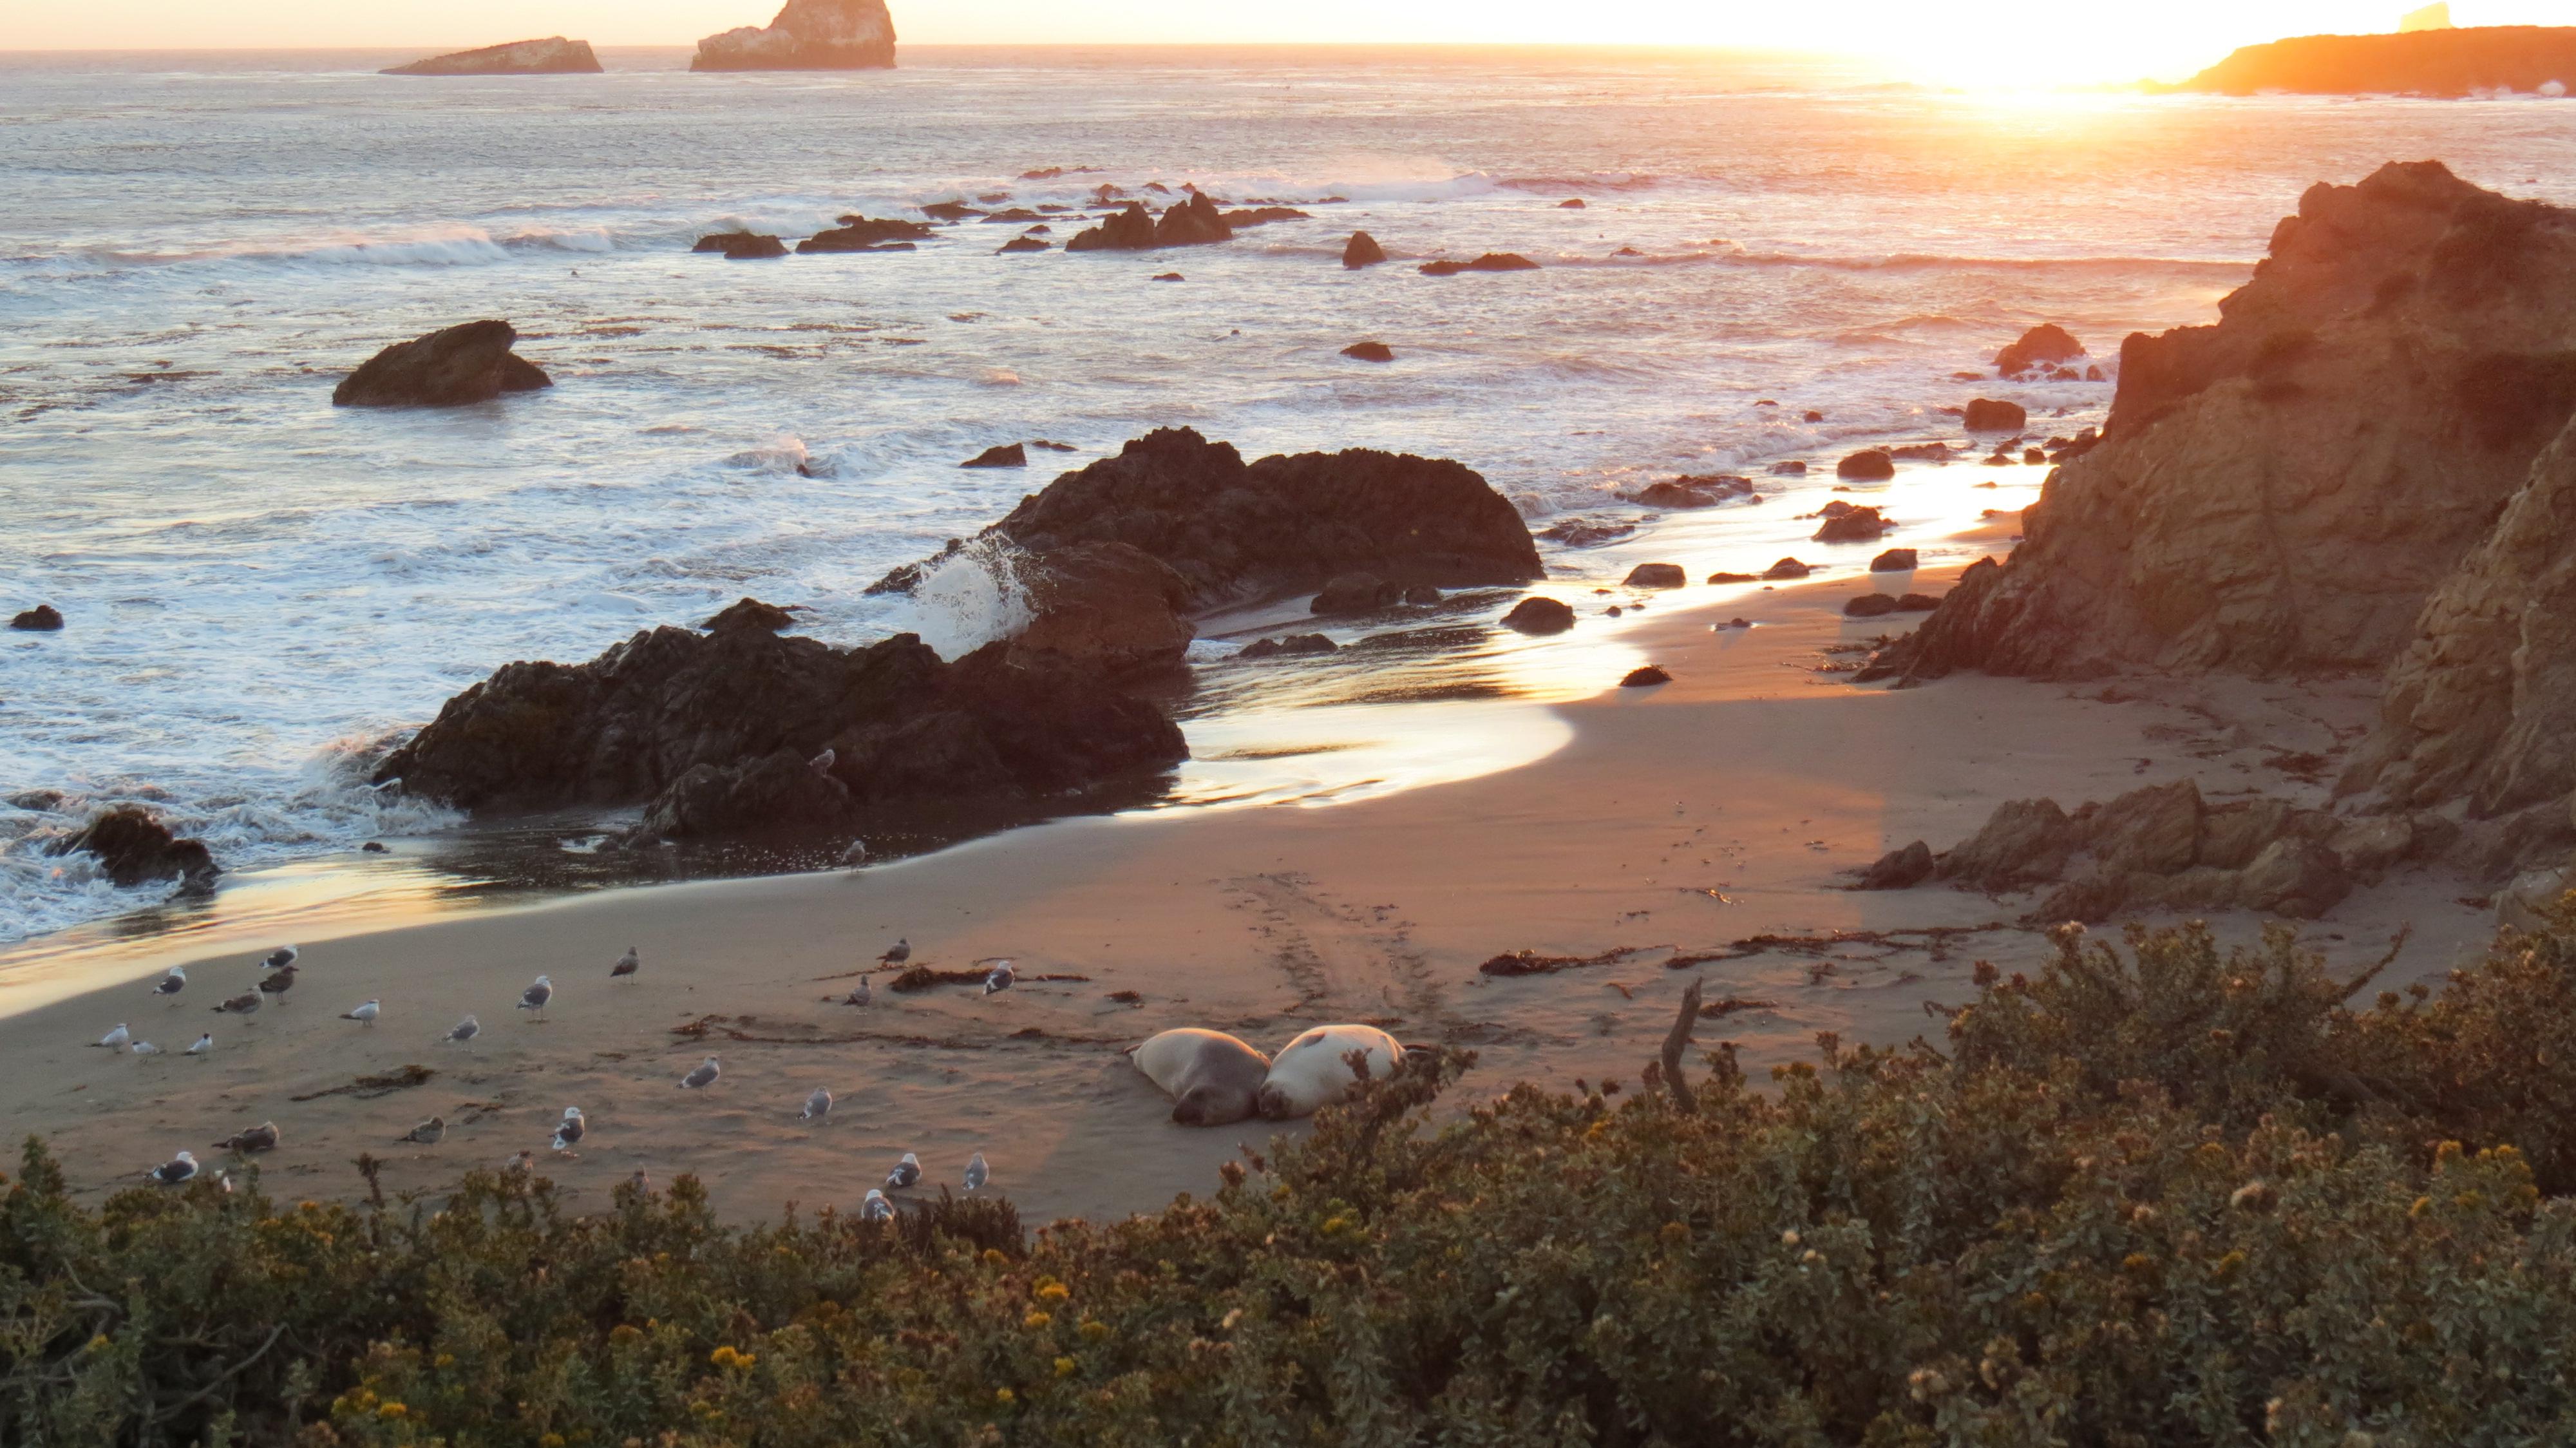 Incrível na hora do pôr do sol, esta praia abriga uma numerosa colônia de elefantes-marinhos, que podem ser observados de um mirante. Outra atração da rota que você ainda consegue acessar.